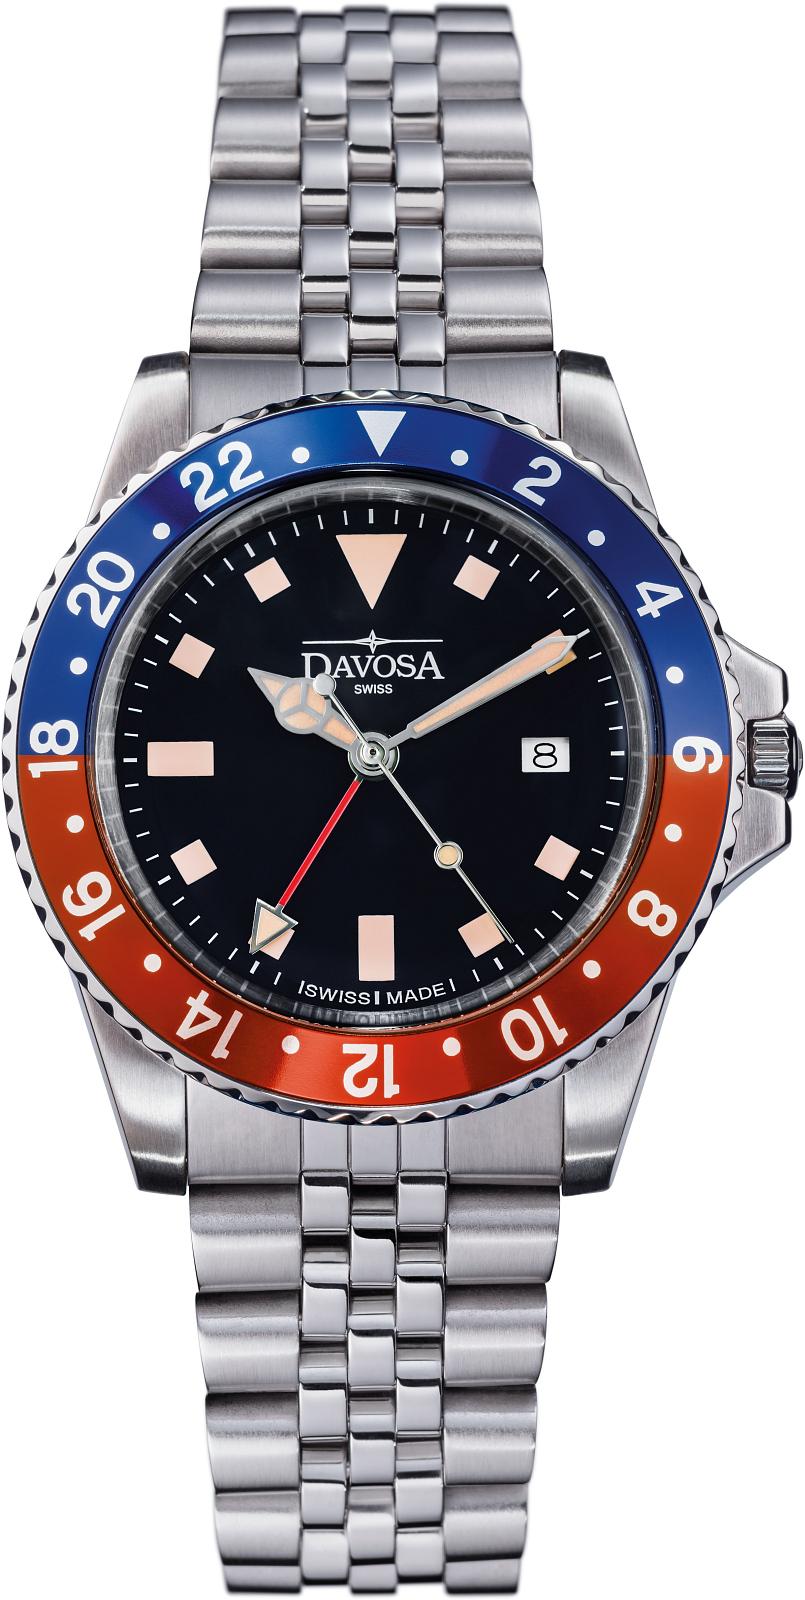 zegarek-meski-davosa-vintage-diver-163-500-90_opis